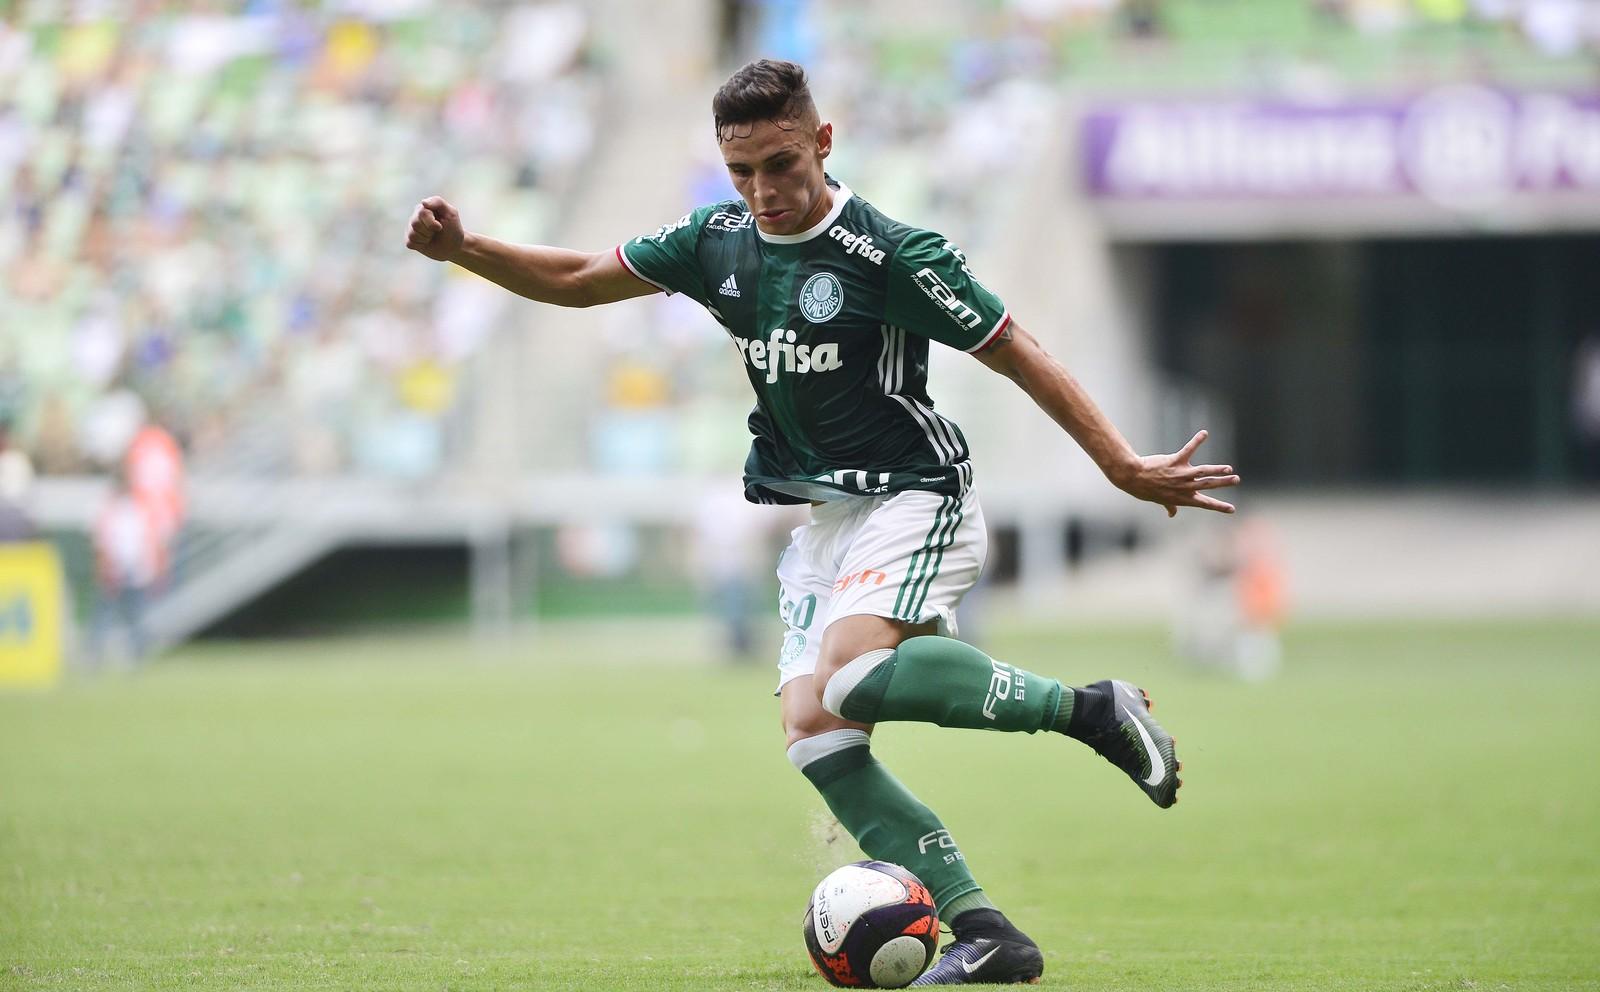 Quando Raphael Veiga andava esquecido no Palmeiras um velho amigo de  redação não cansava de encher a bola dele. Santista que é c75481dfa2ee7